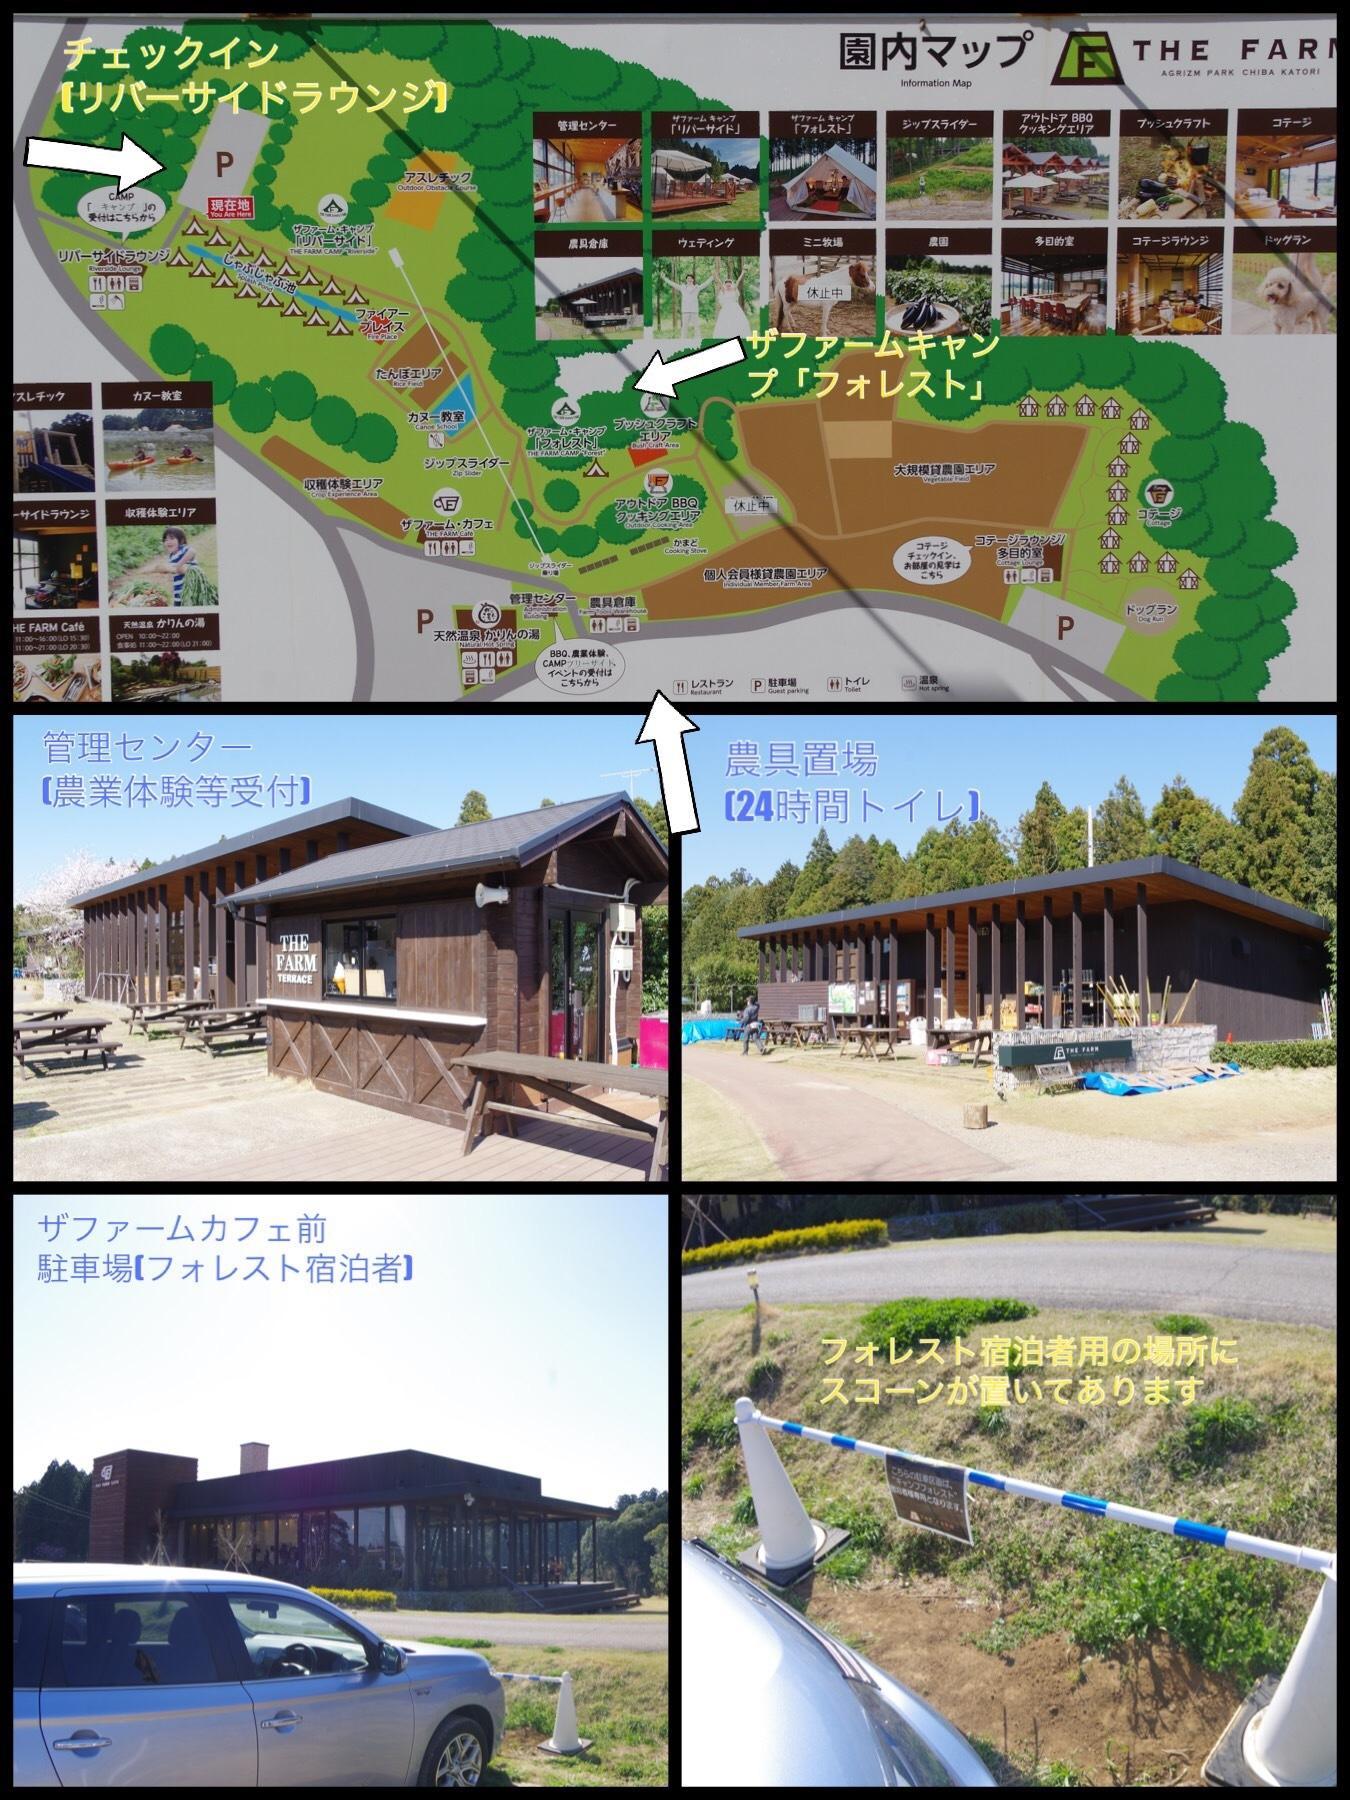 千葉 ザファーム グランピング 宿泊記 全体マップ